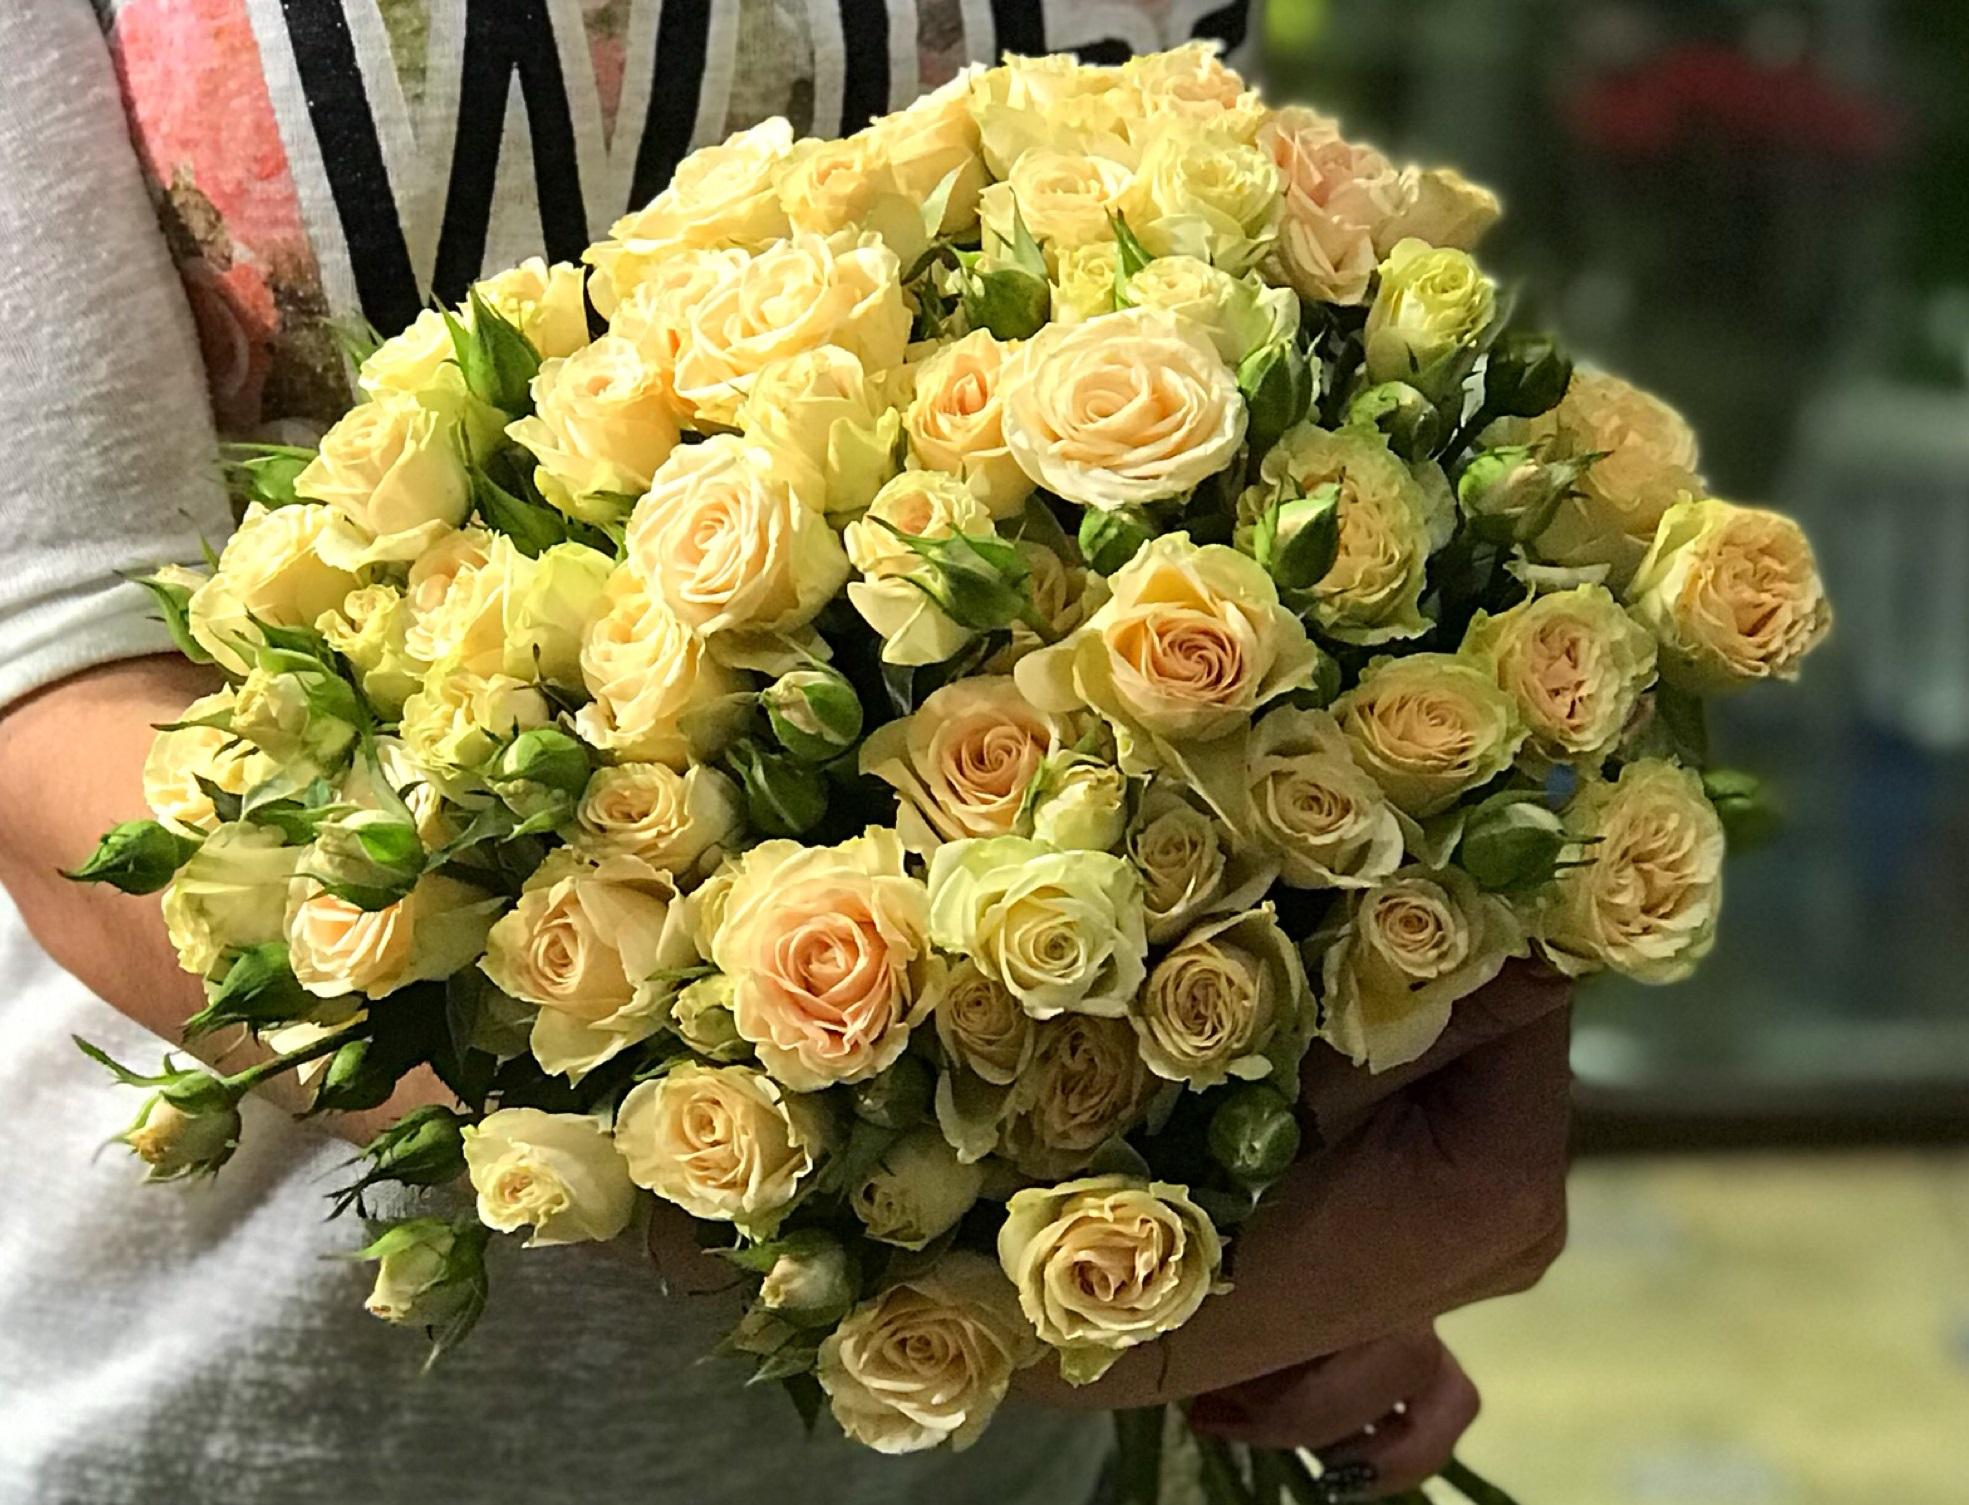 Что делать, чтобы розы дольше стояли: как сохранить розы в 37